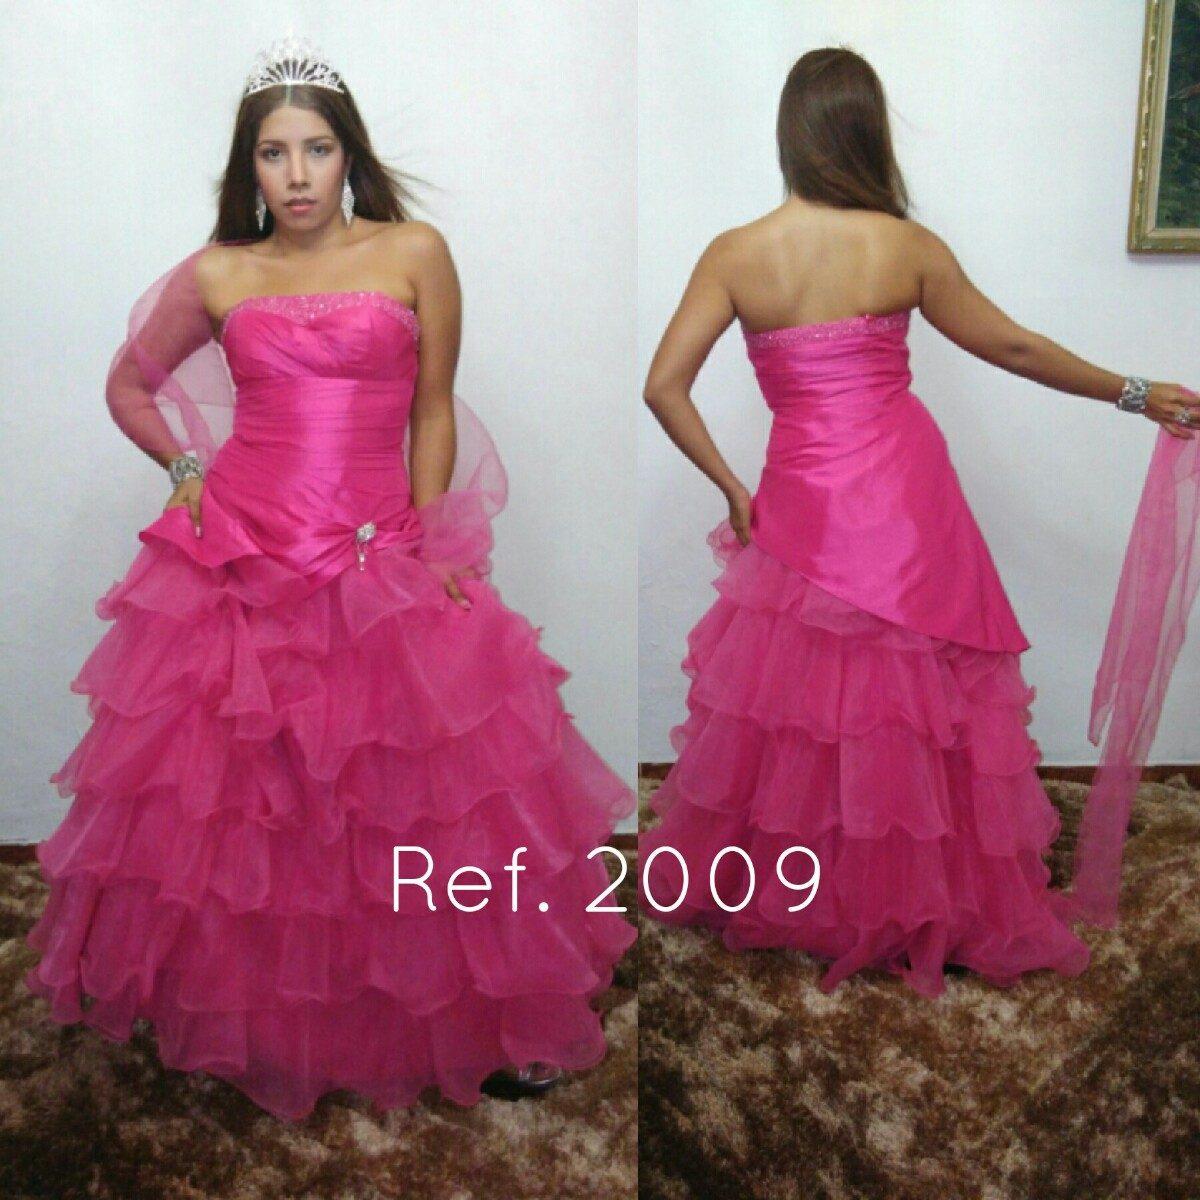 Vistoso Nuevos Vestidos De Fiesta Estilo York Imagen - Ideas de ...